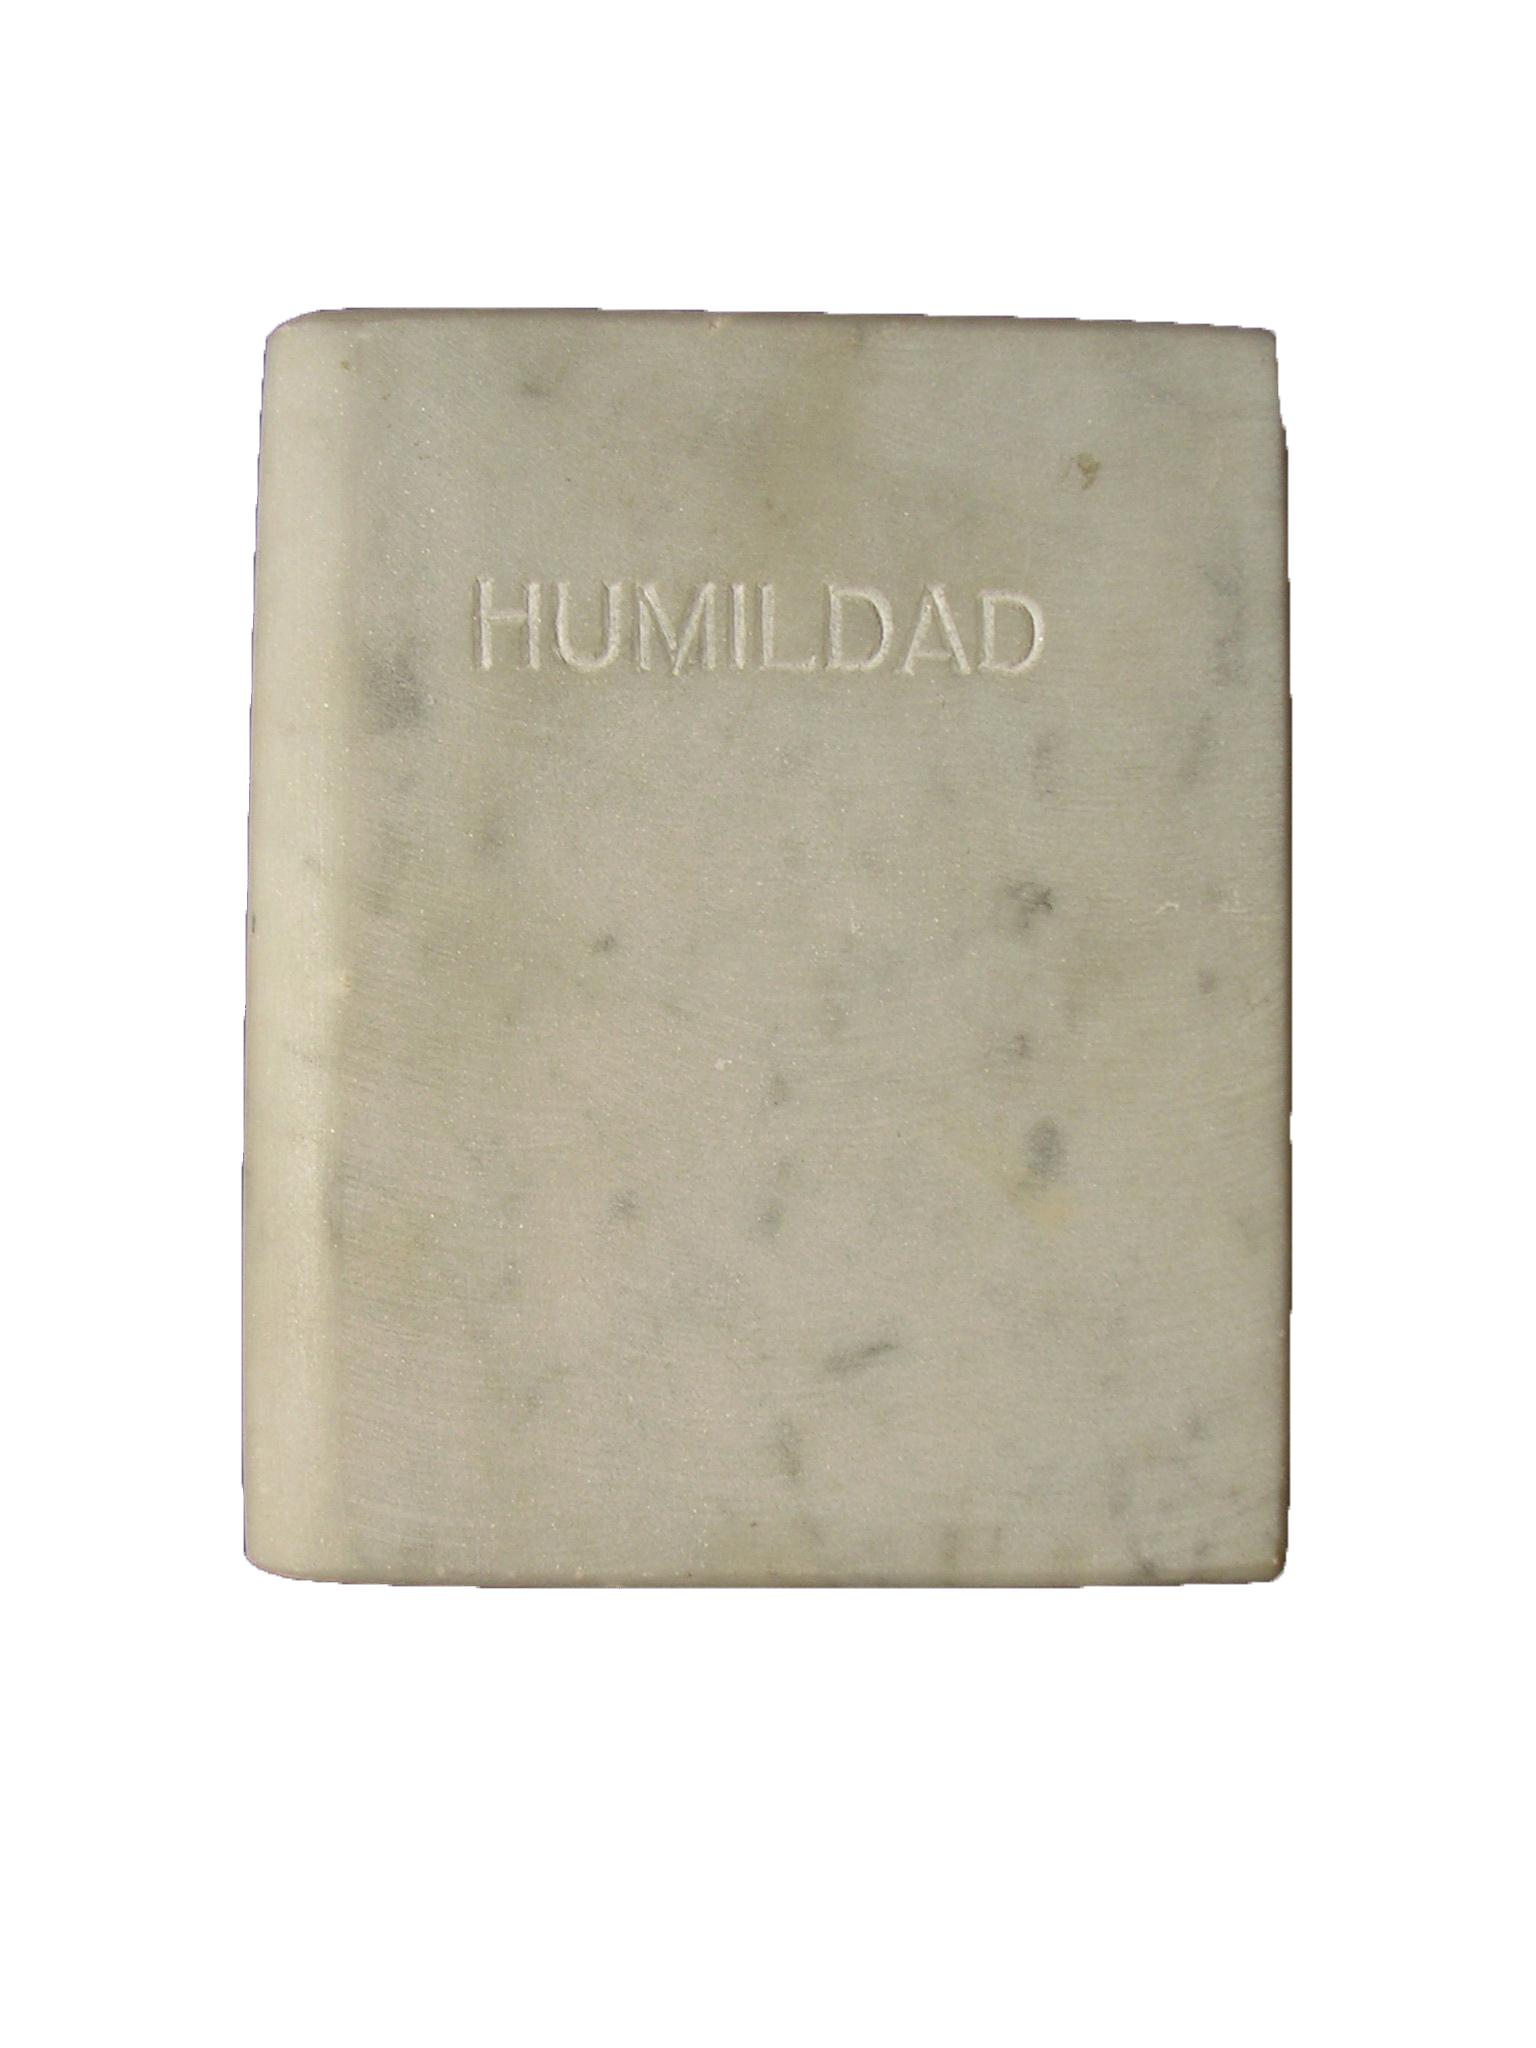 Humildad Las siete virtudes libro de mármol de carrar blanco 18x3x15 cm 1984